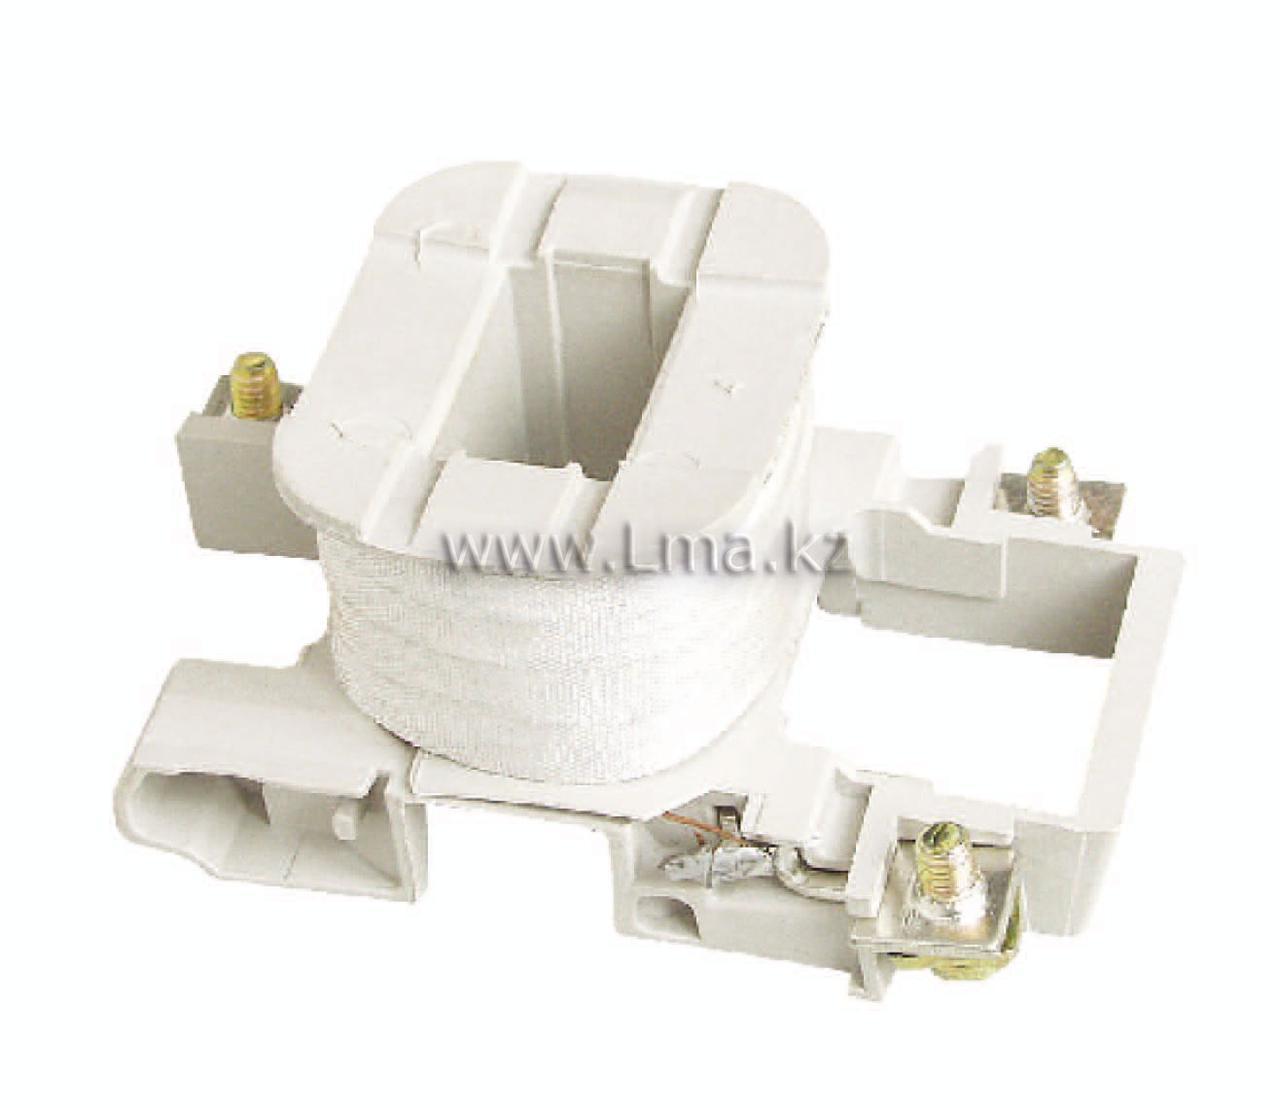 Катушка управления контактором электромагнитным TSX1-FL (КТК-630Л) AC 220V, 380V